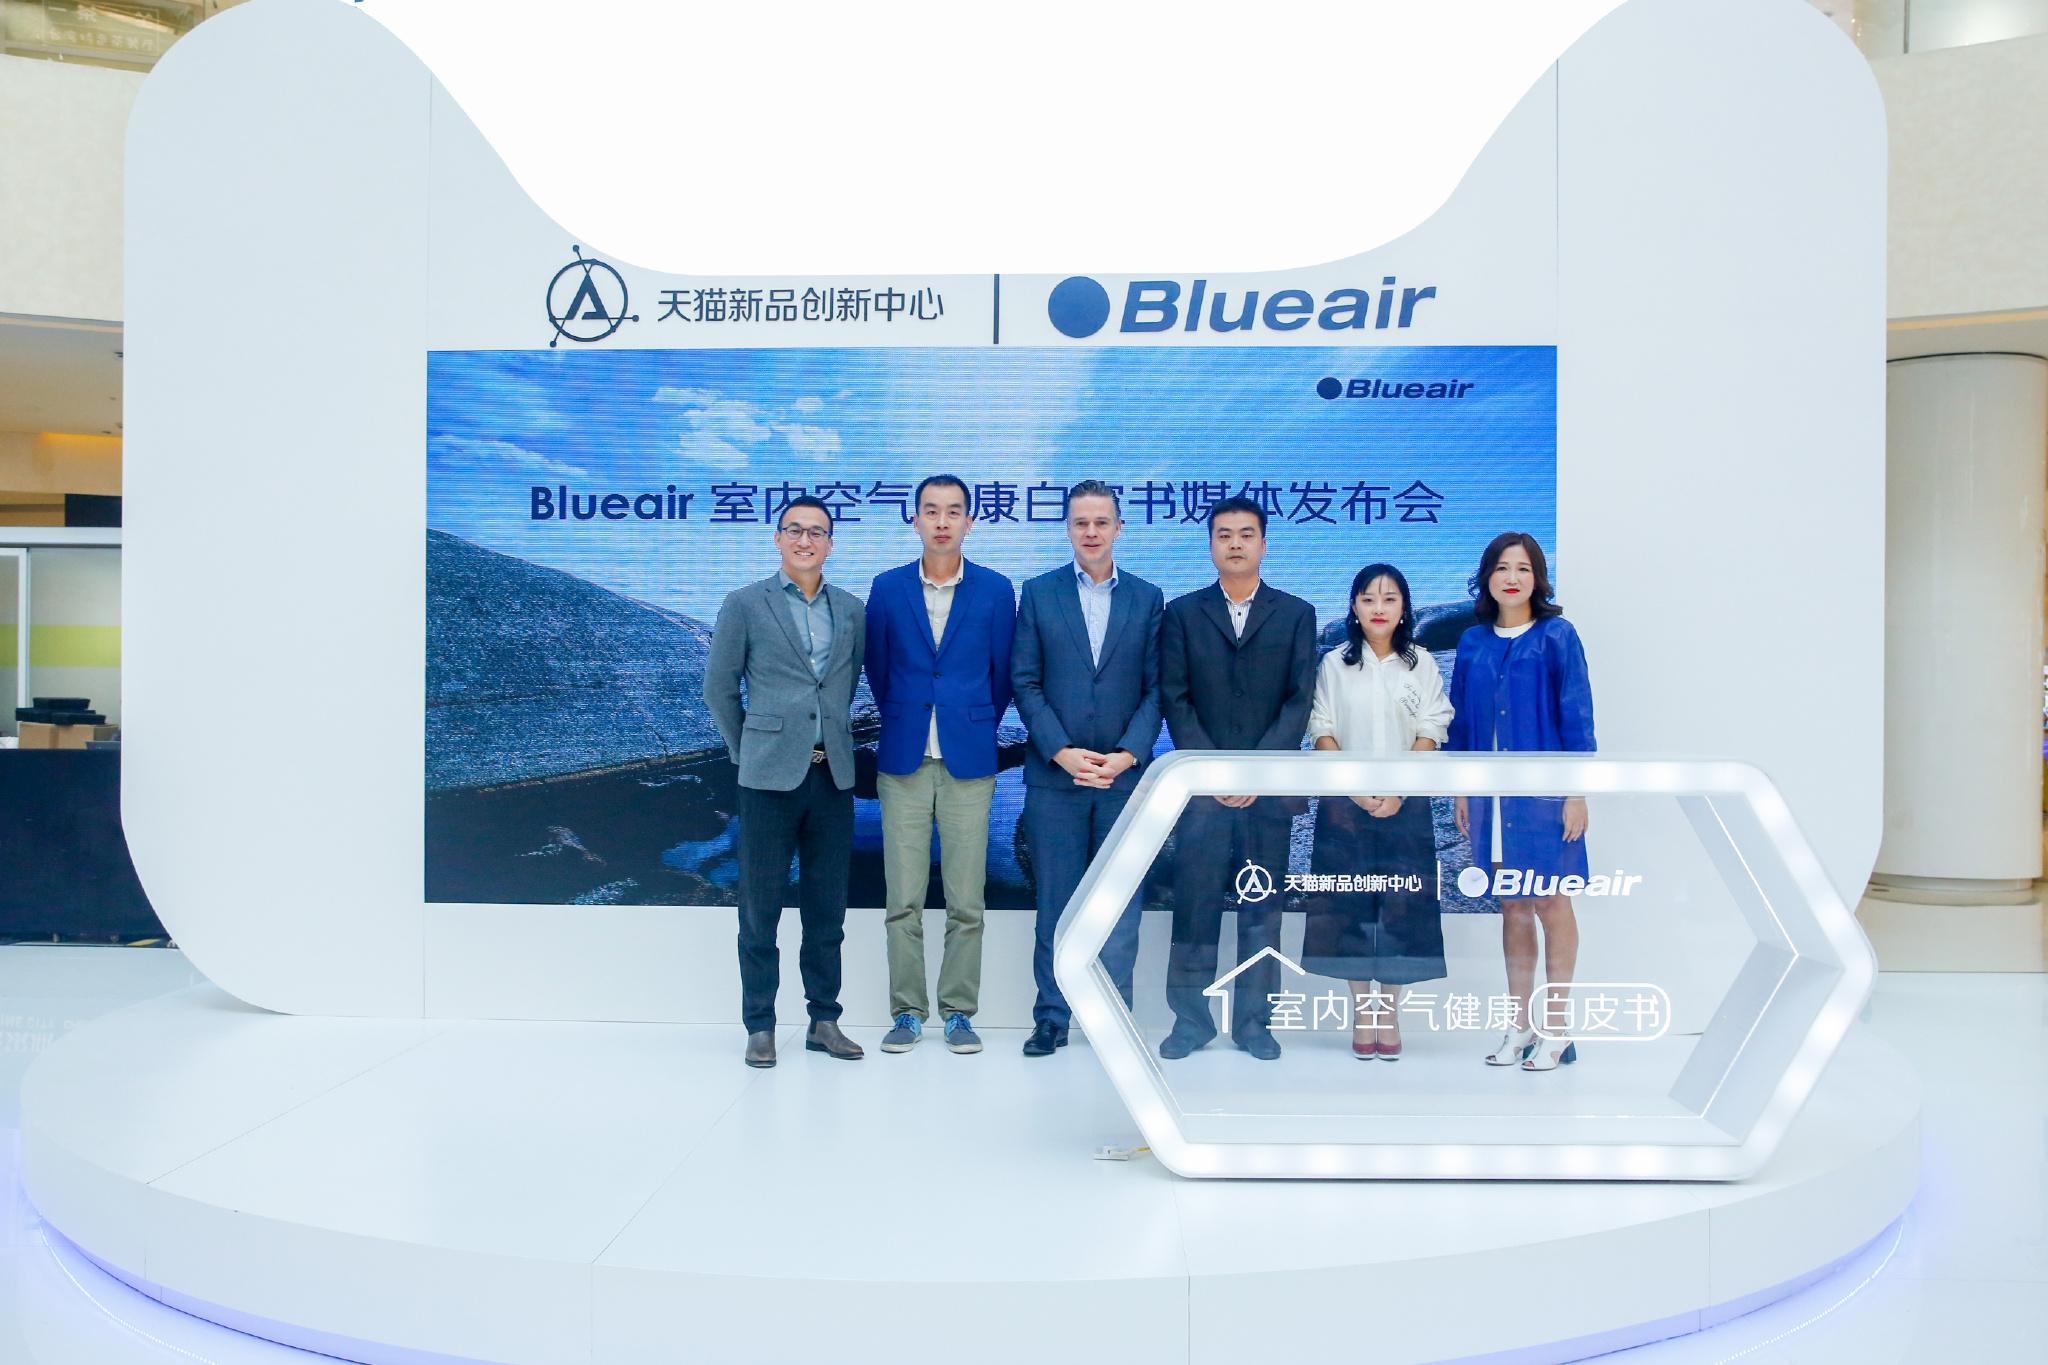 联合利华旗下Blueair空气净化器CEO何翰科与天猫发布室内空气健康白皮书